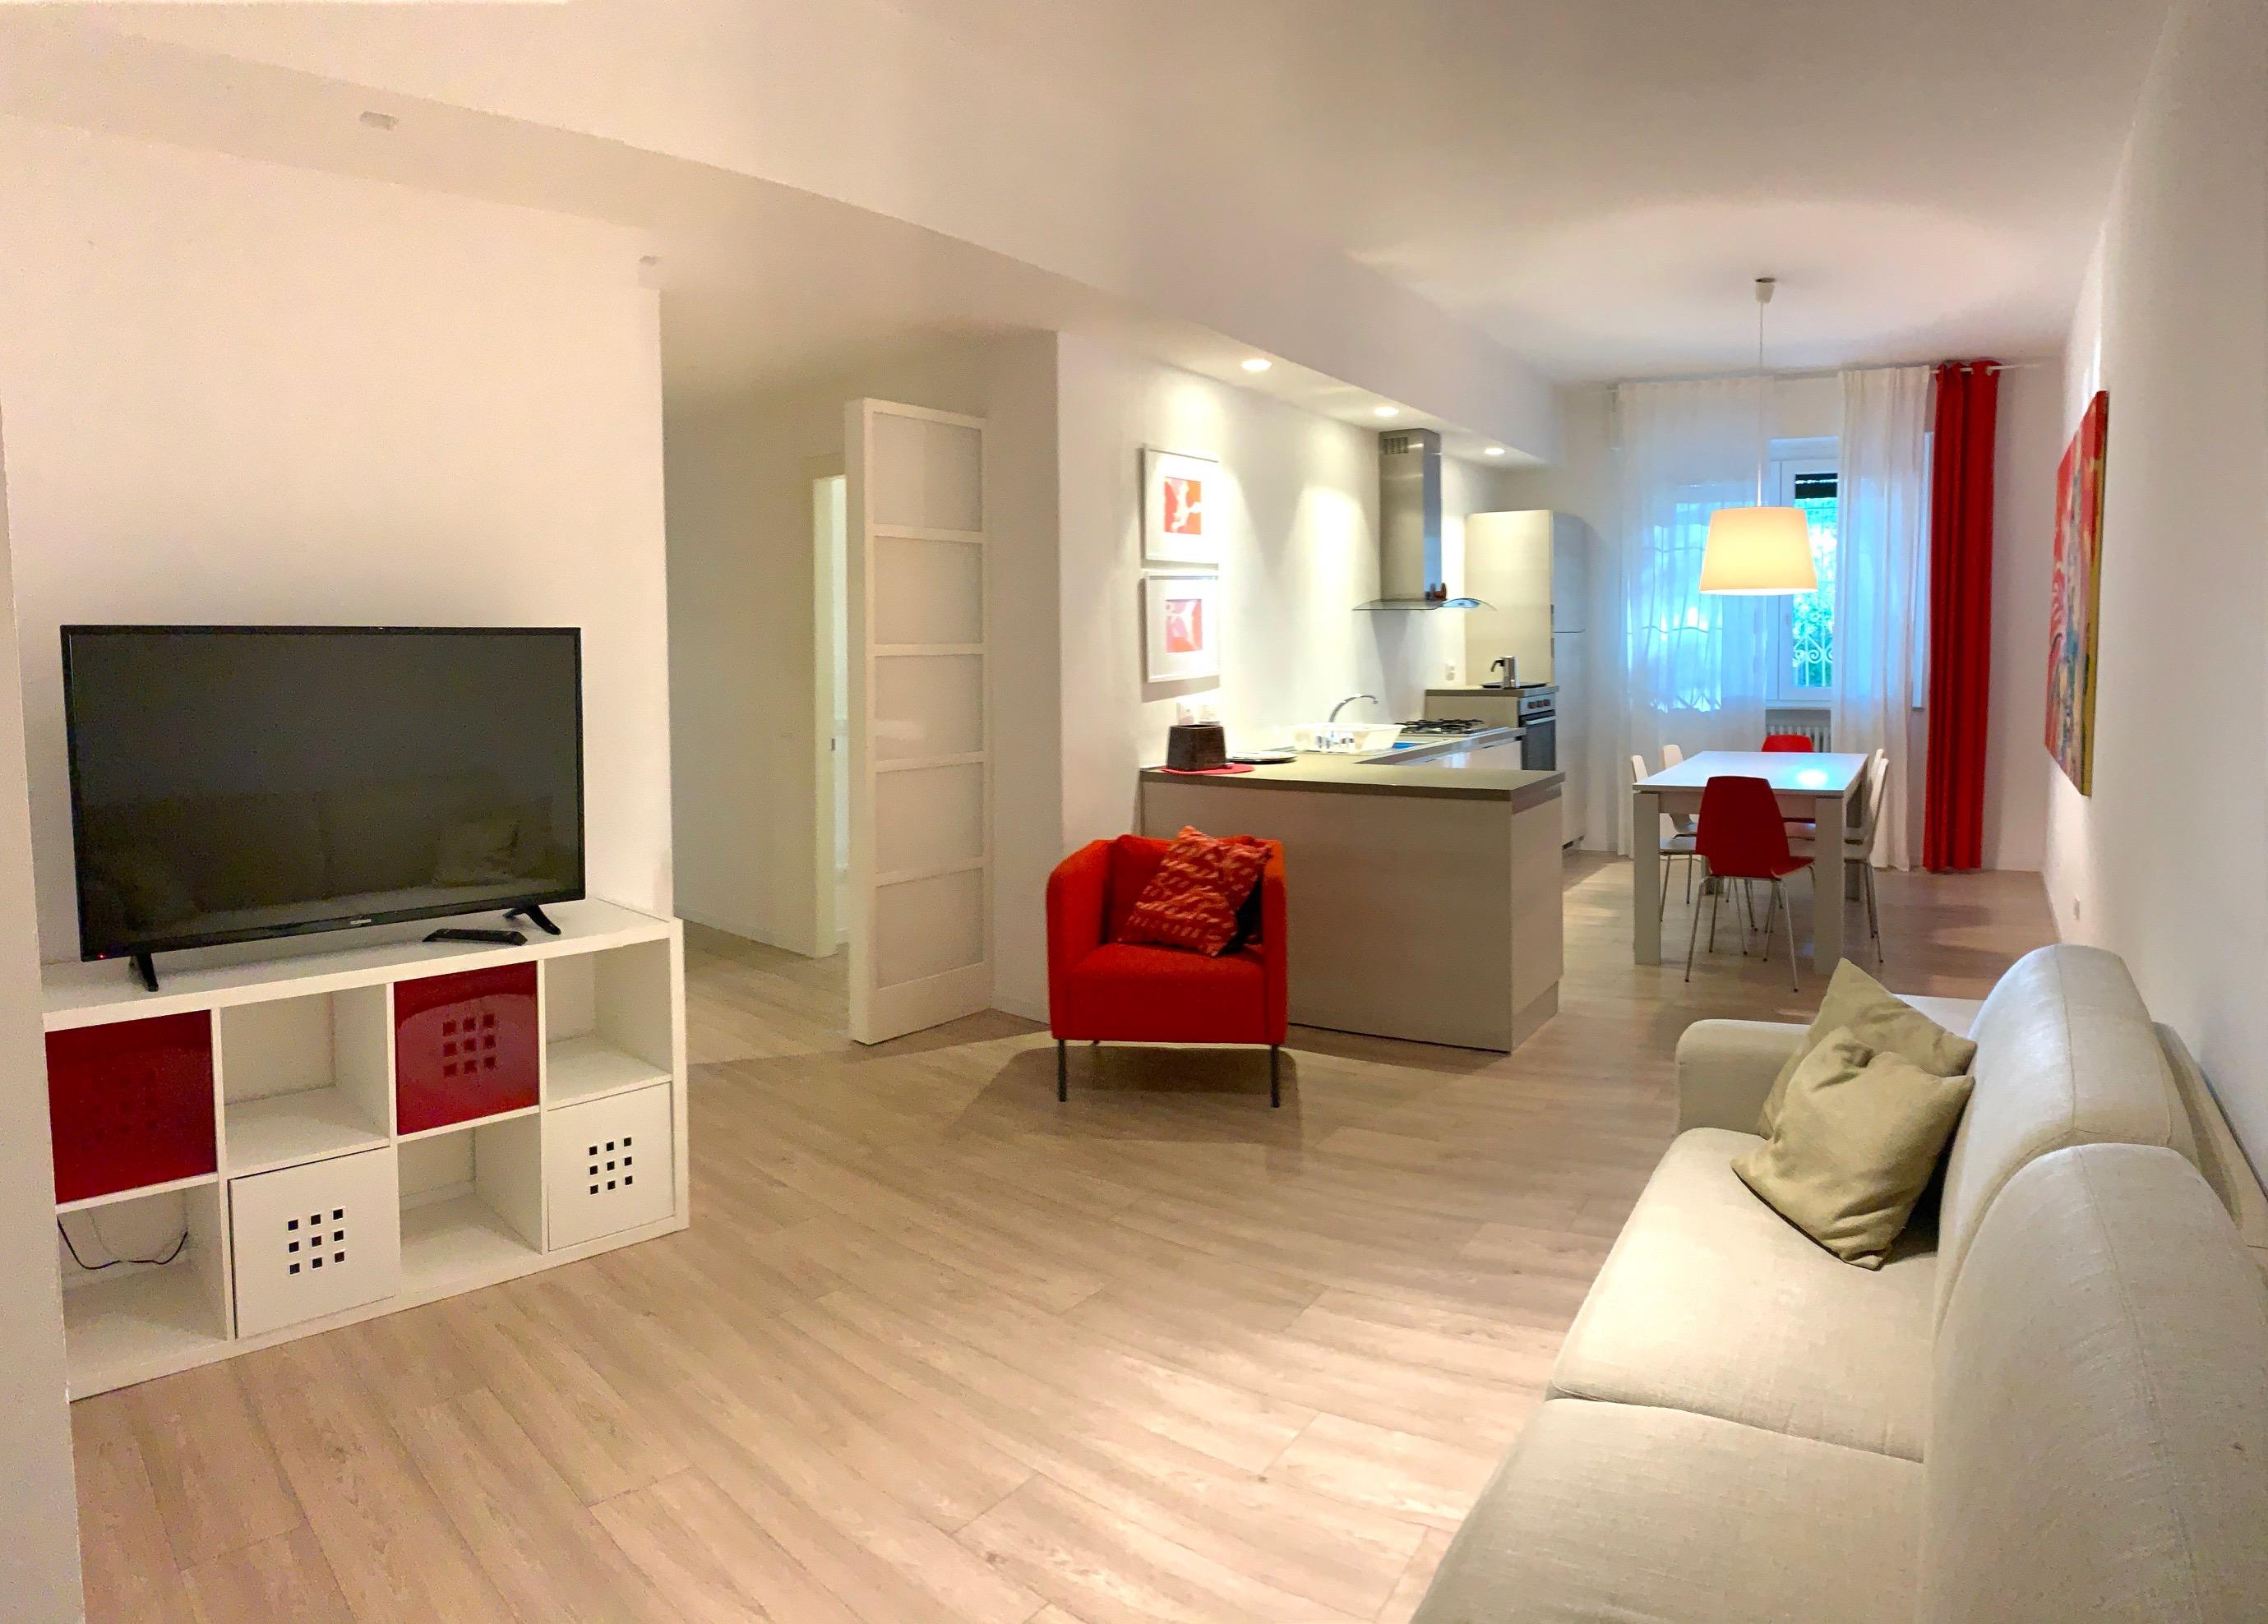 RICCIONE CENTRO, Moderno con tre camere da letto in locazione stagionale